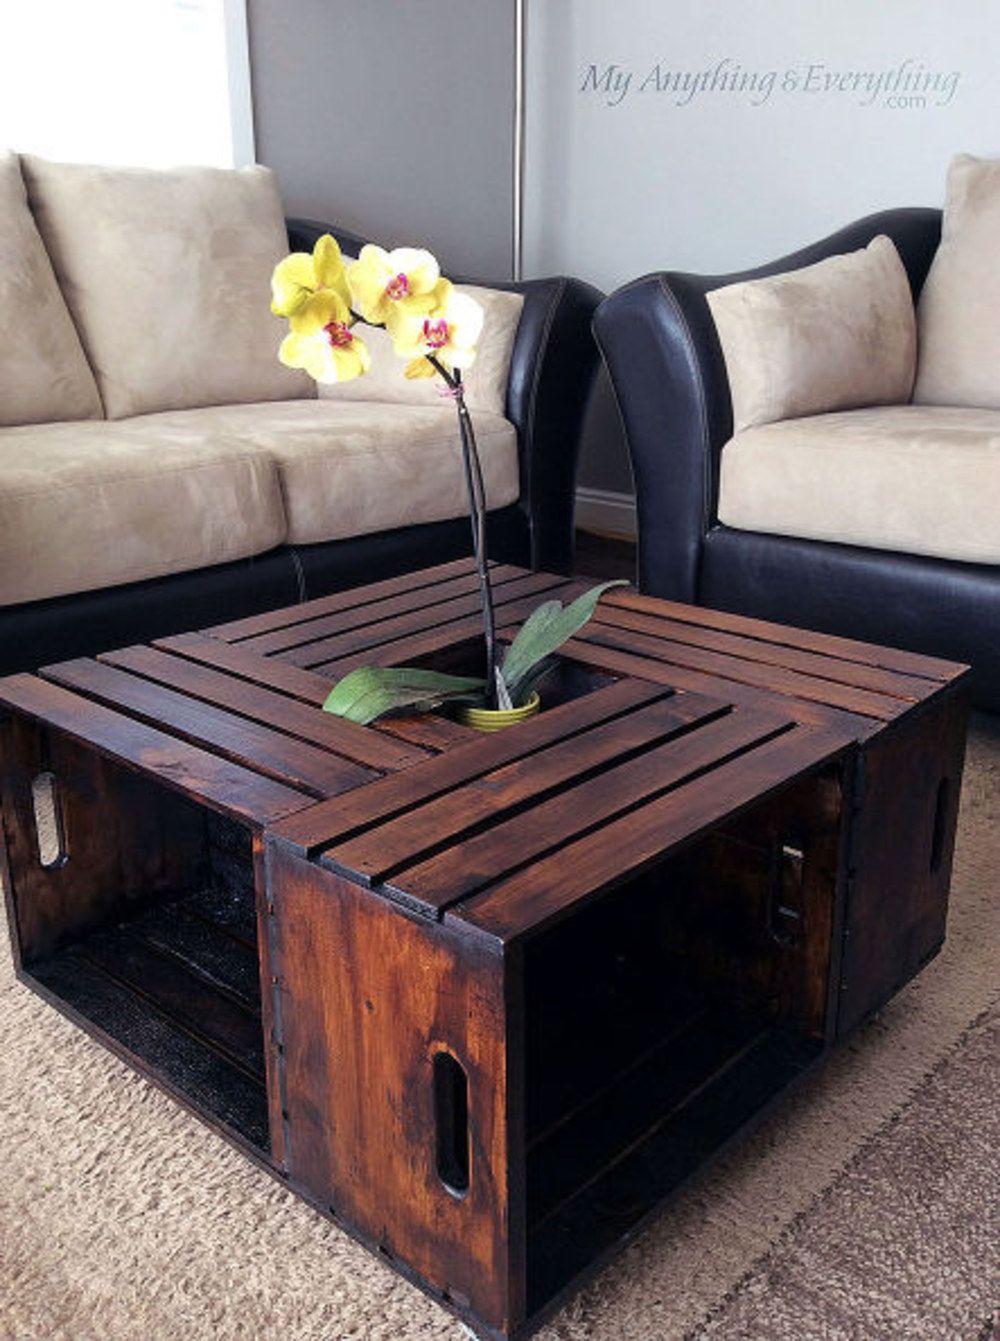 Einfache Dekoration Und Mobel Wohnen Mit Allen Sinnen #23: Kreativ Wohnen: Diese 4 Coolen DIY Möbel Kannst Du Ganz Einfach Selber  Machen!